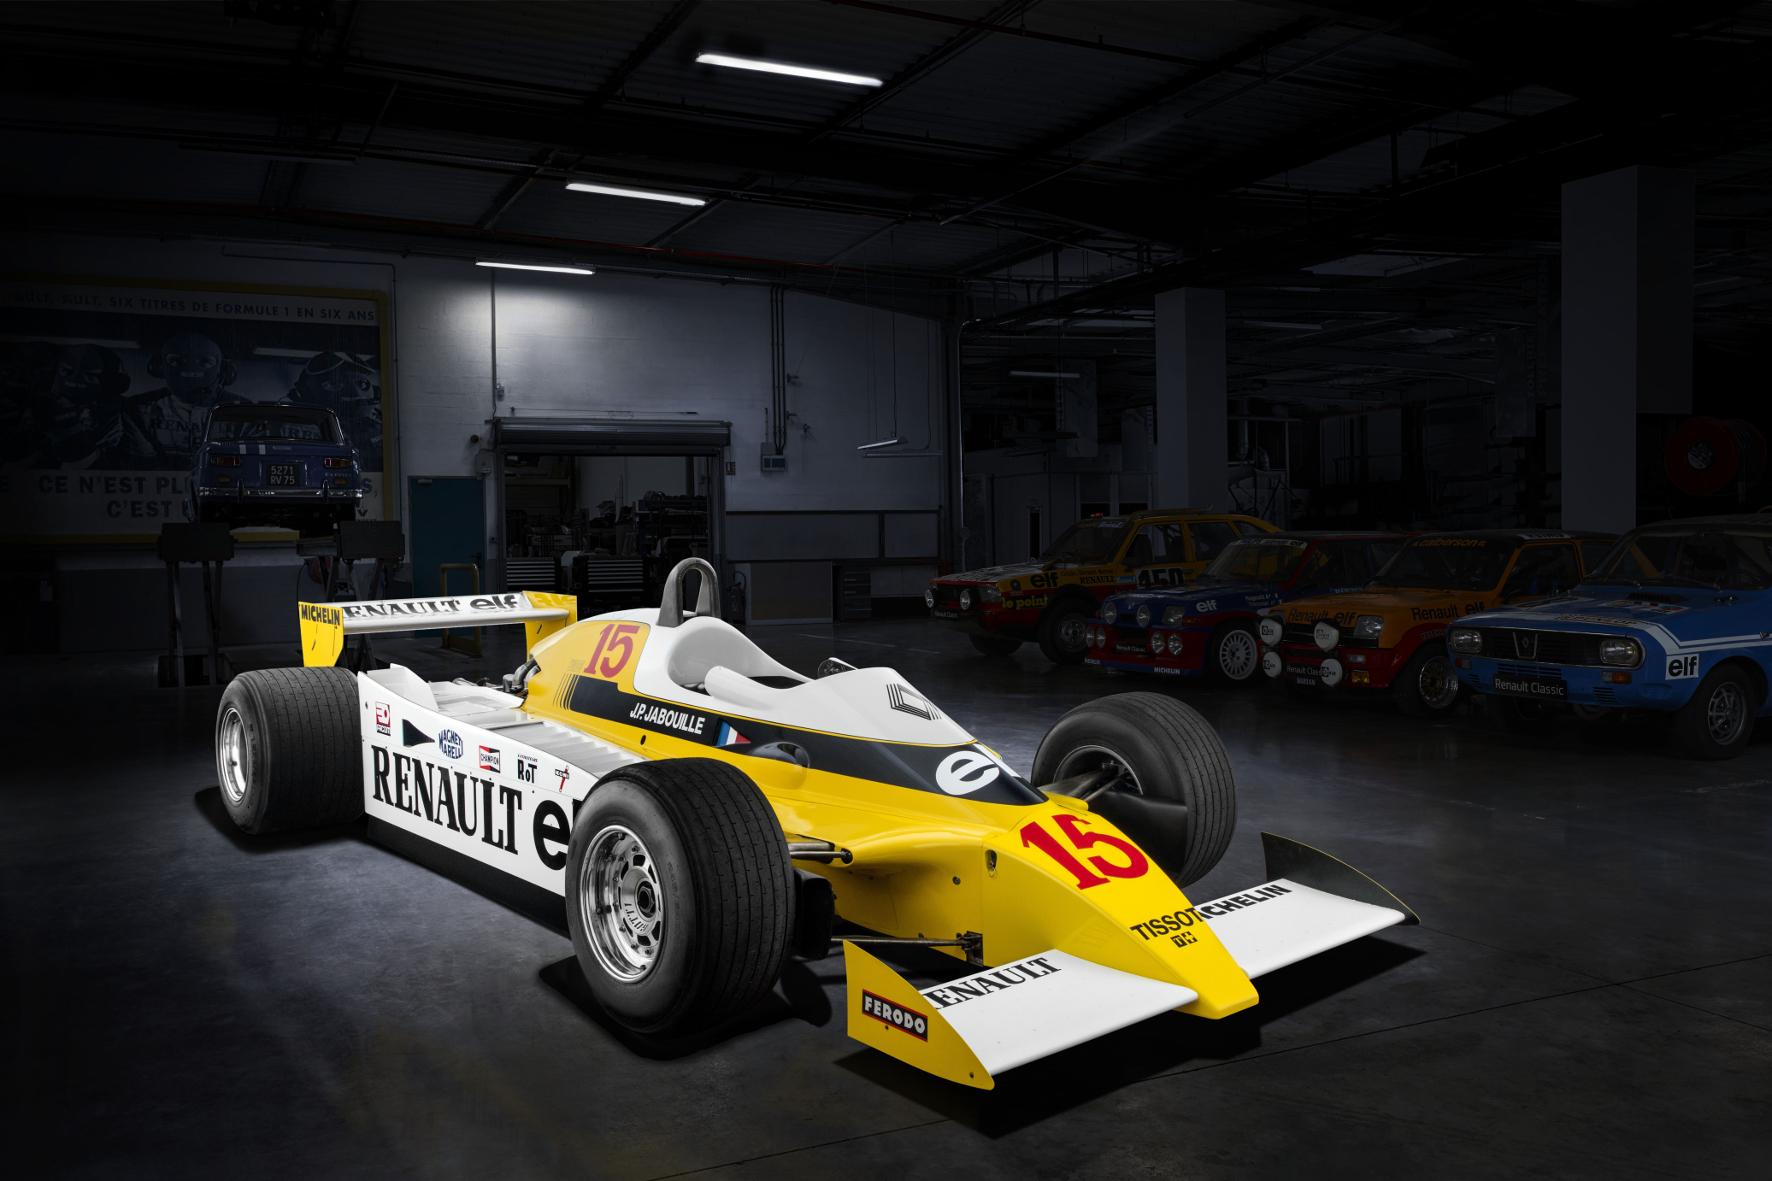 mid Groß-Gerau - Glorreiche Vergangenheit: Der Triumph von Jean-Pierre Jabouille 1979 im neu konstruierten RS10 ist gleichzeitig auch der Beginn für den Siegeszug der turboaufgeladenen Fahrzeuge der Marke Renault. Renault